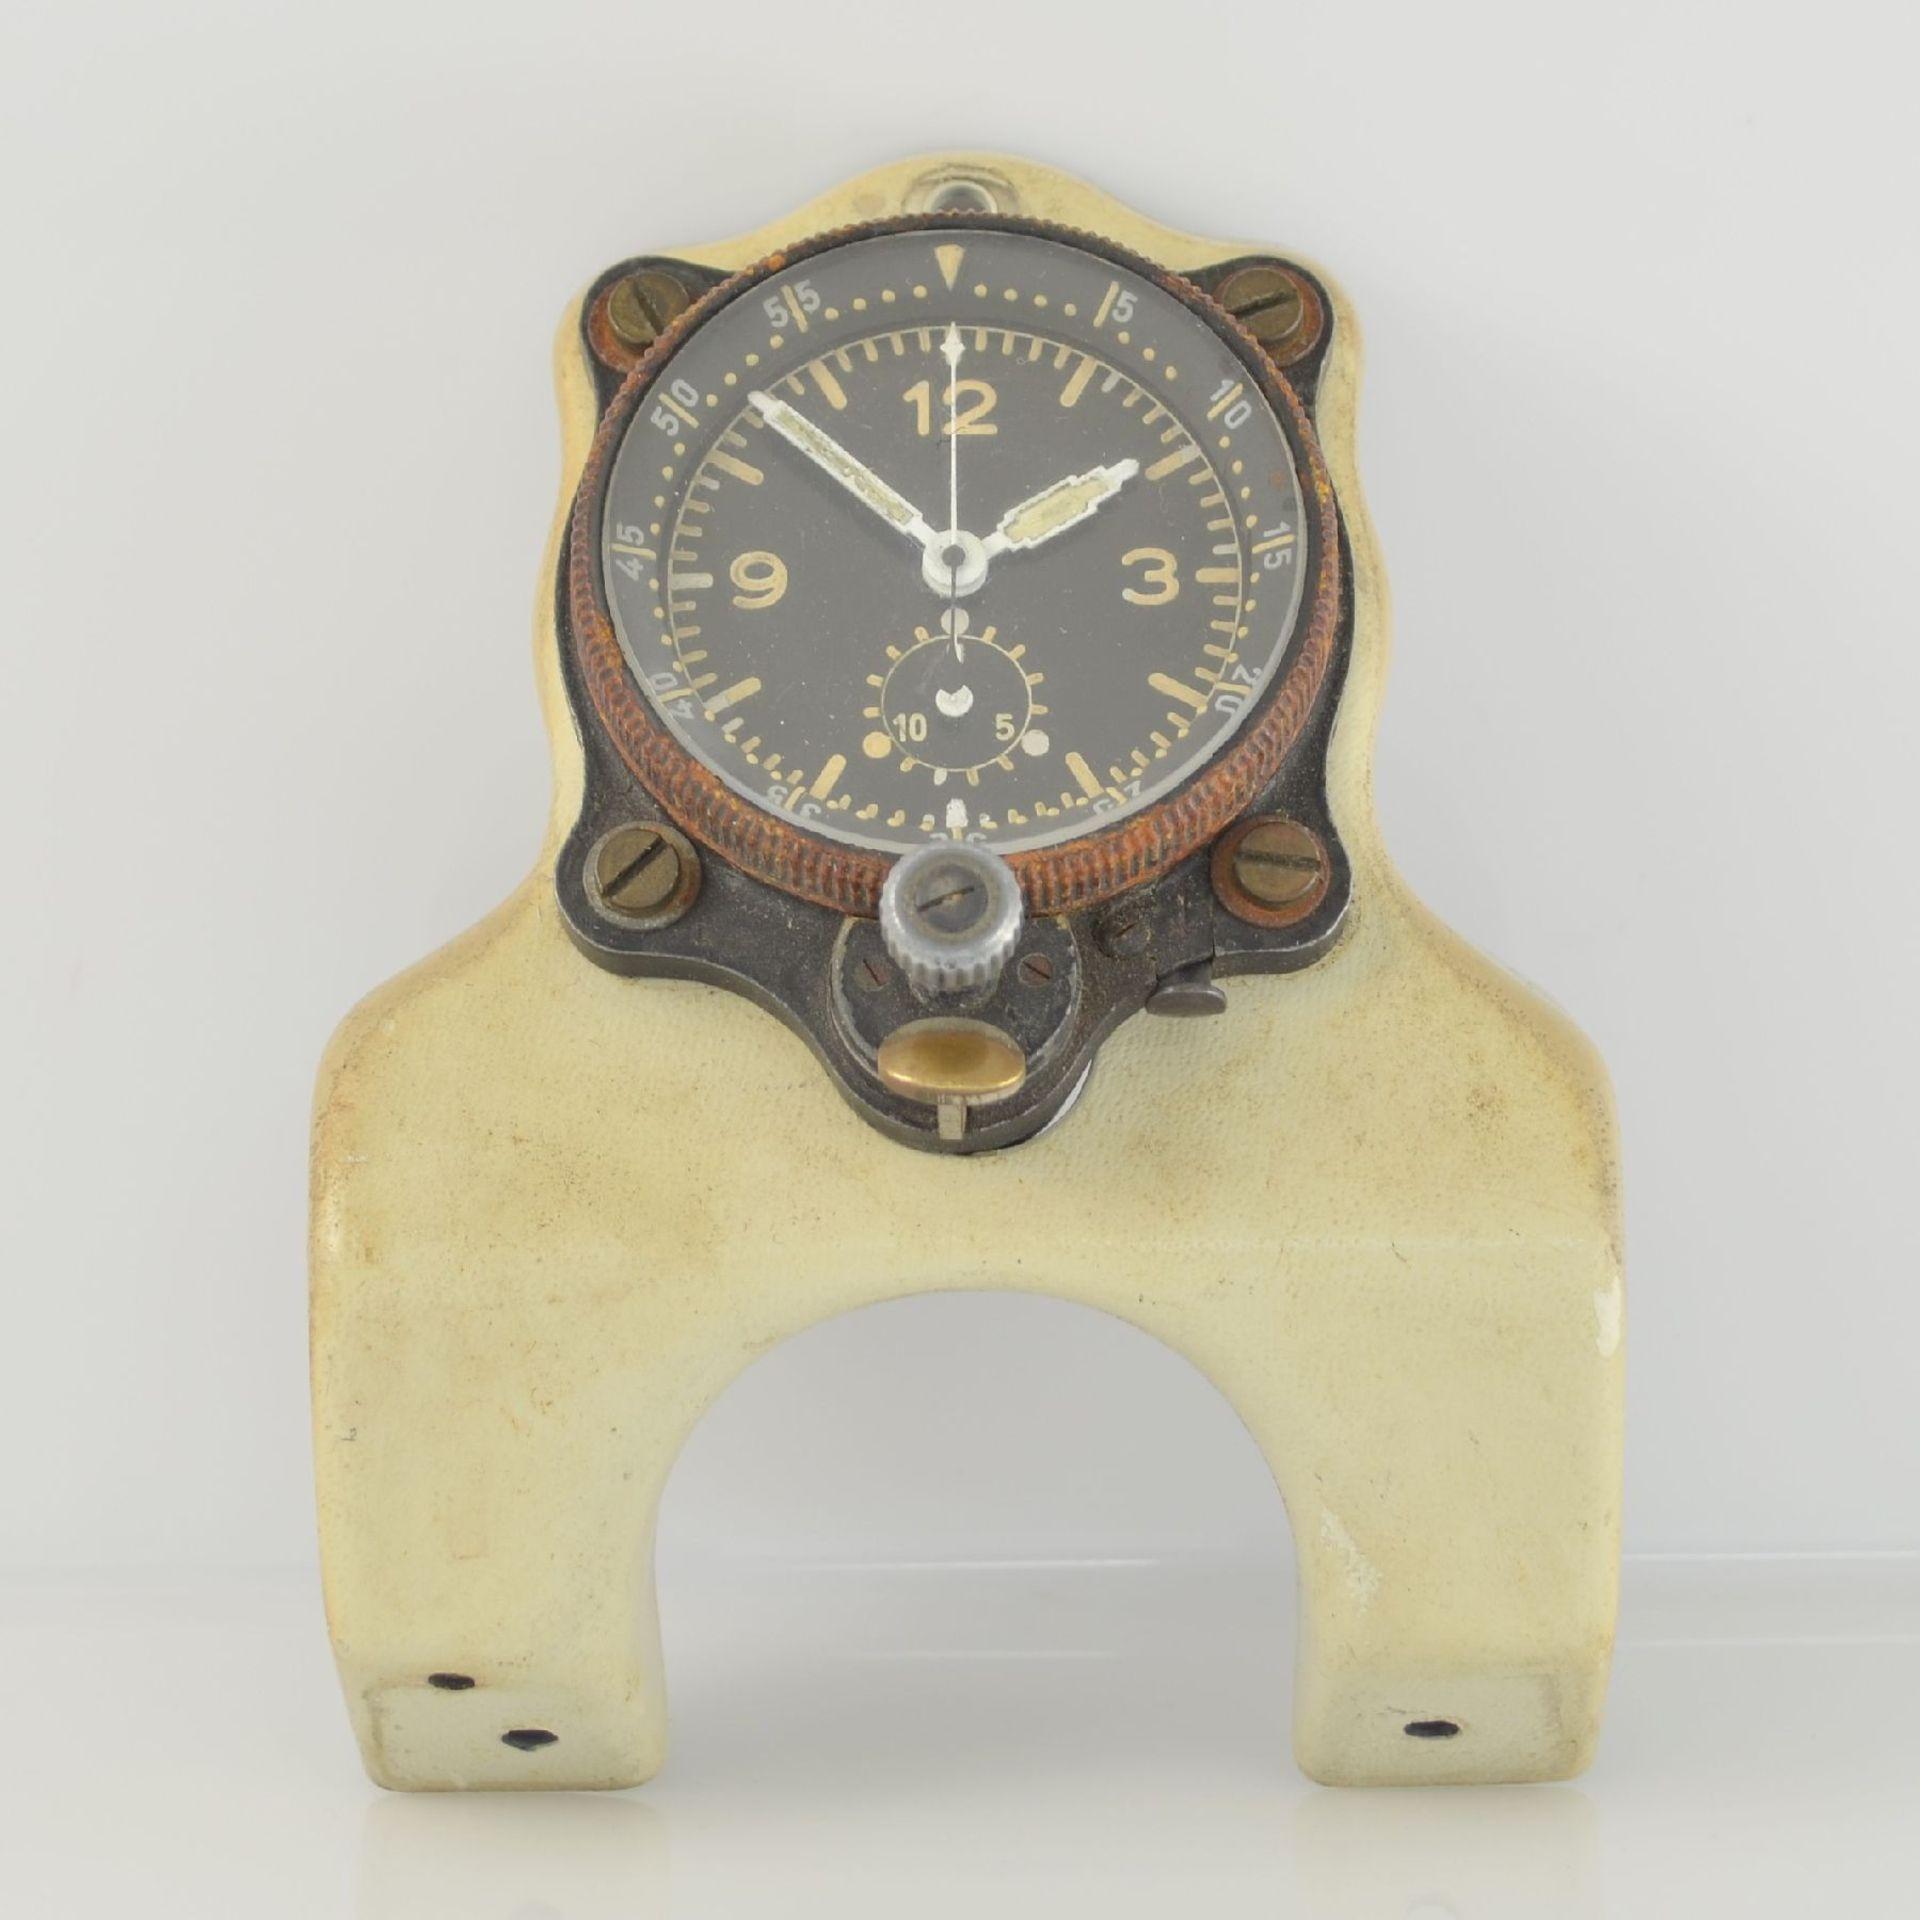 JUNGHANS Borduhr mit Chronograph (Dashboard), Deutschland um 1940, schwarzes Metallgeh., montiert